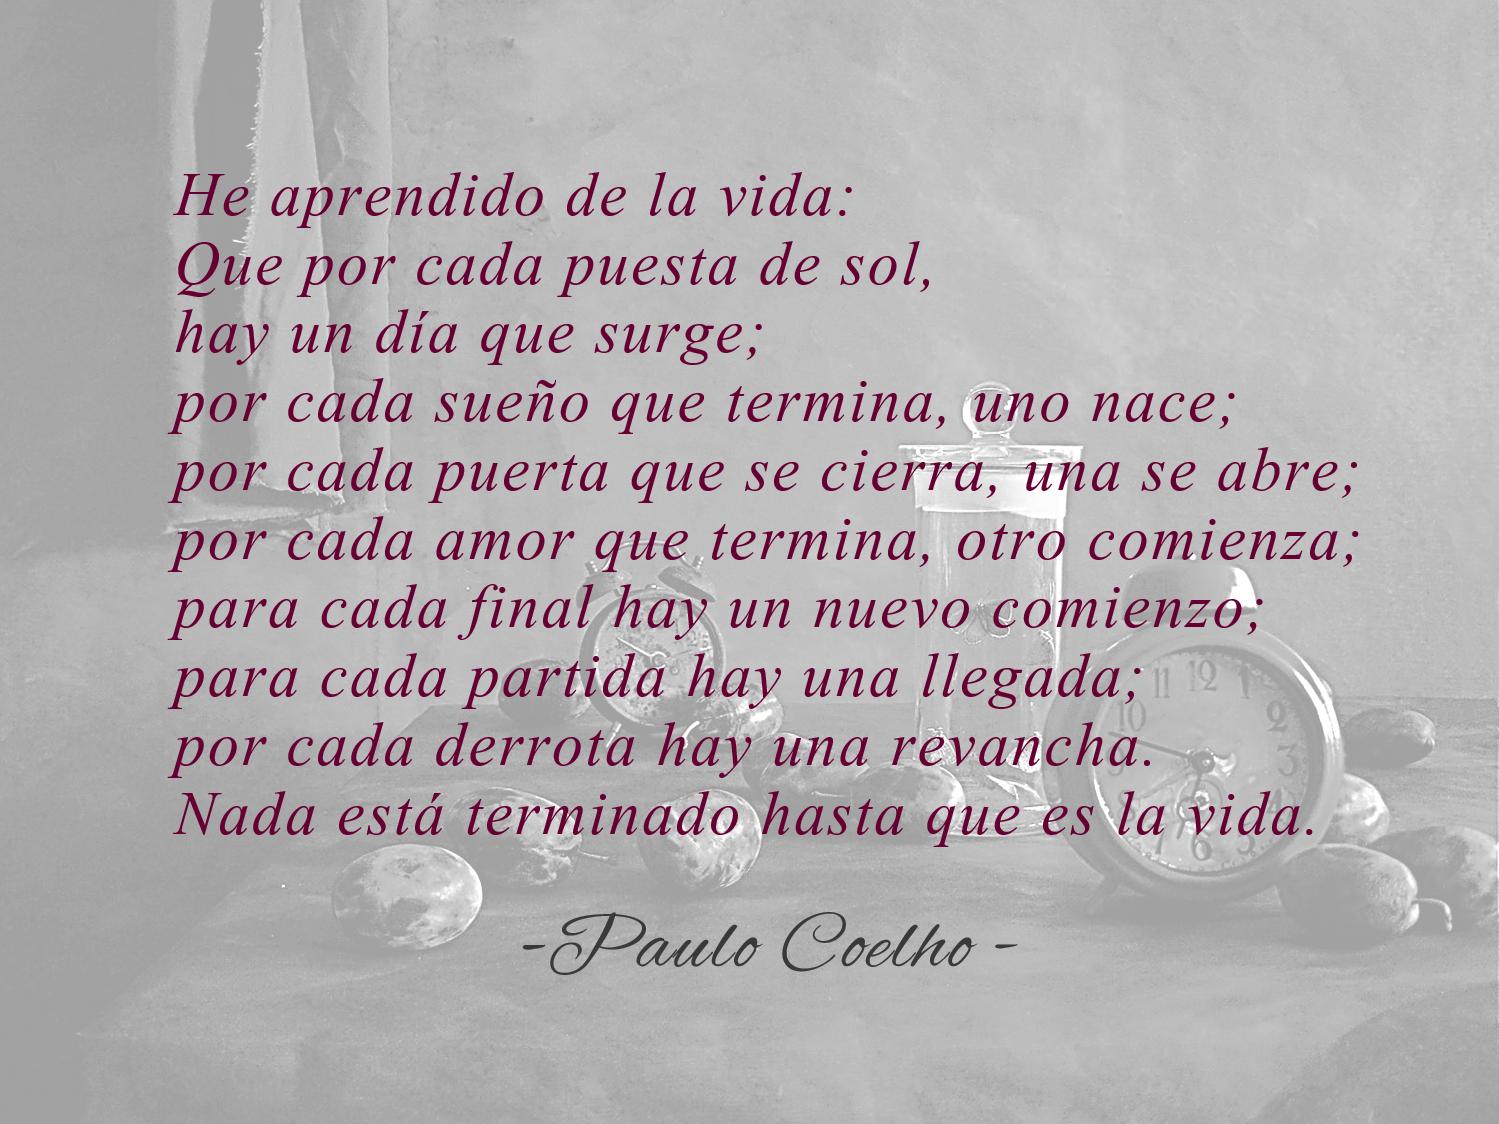 Frase de Paulo Coelho sobre la esperanza Enviar